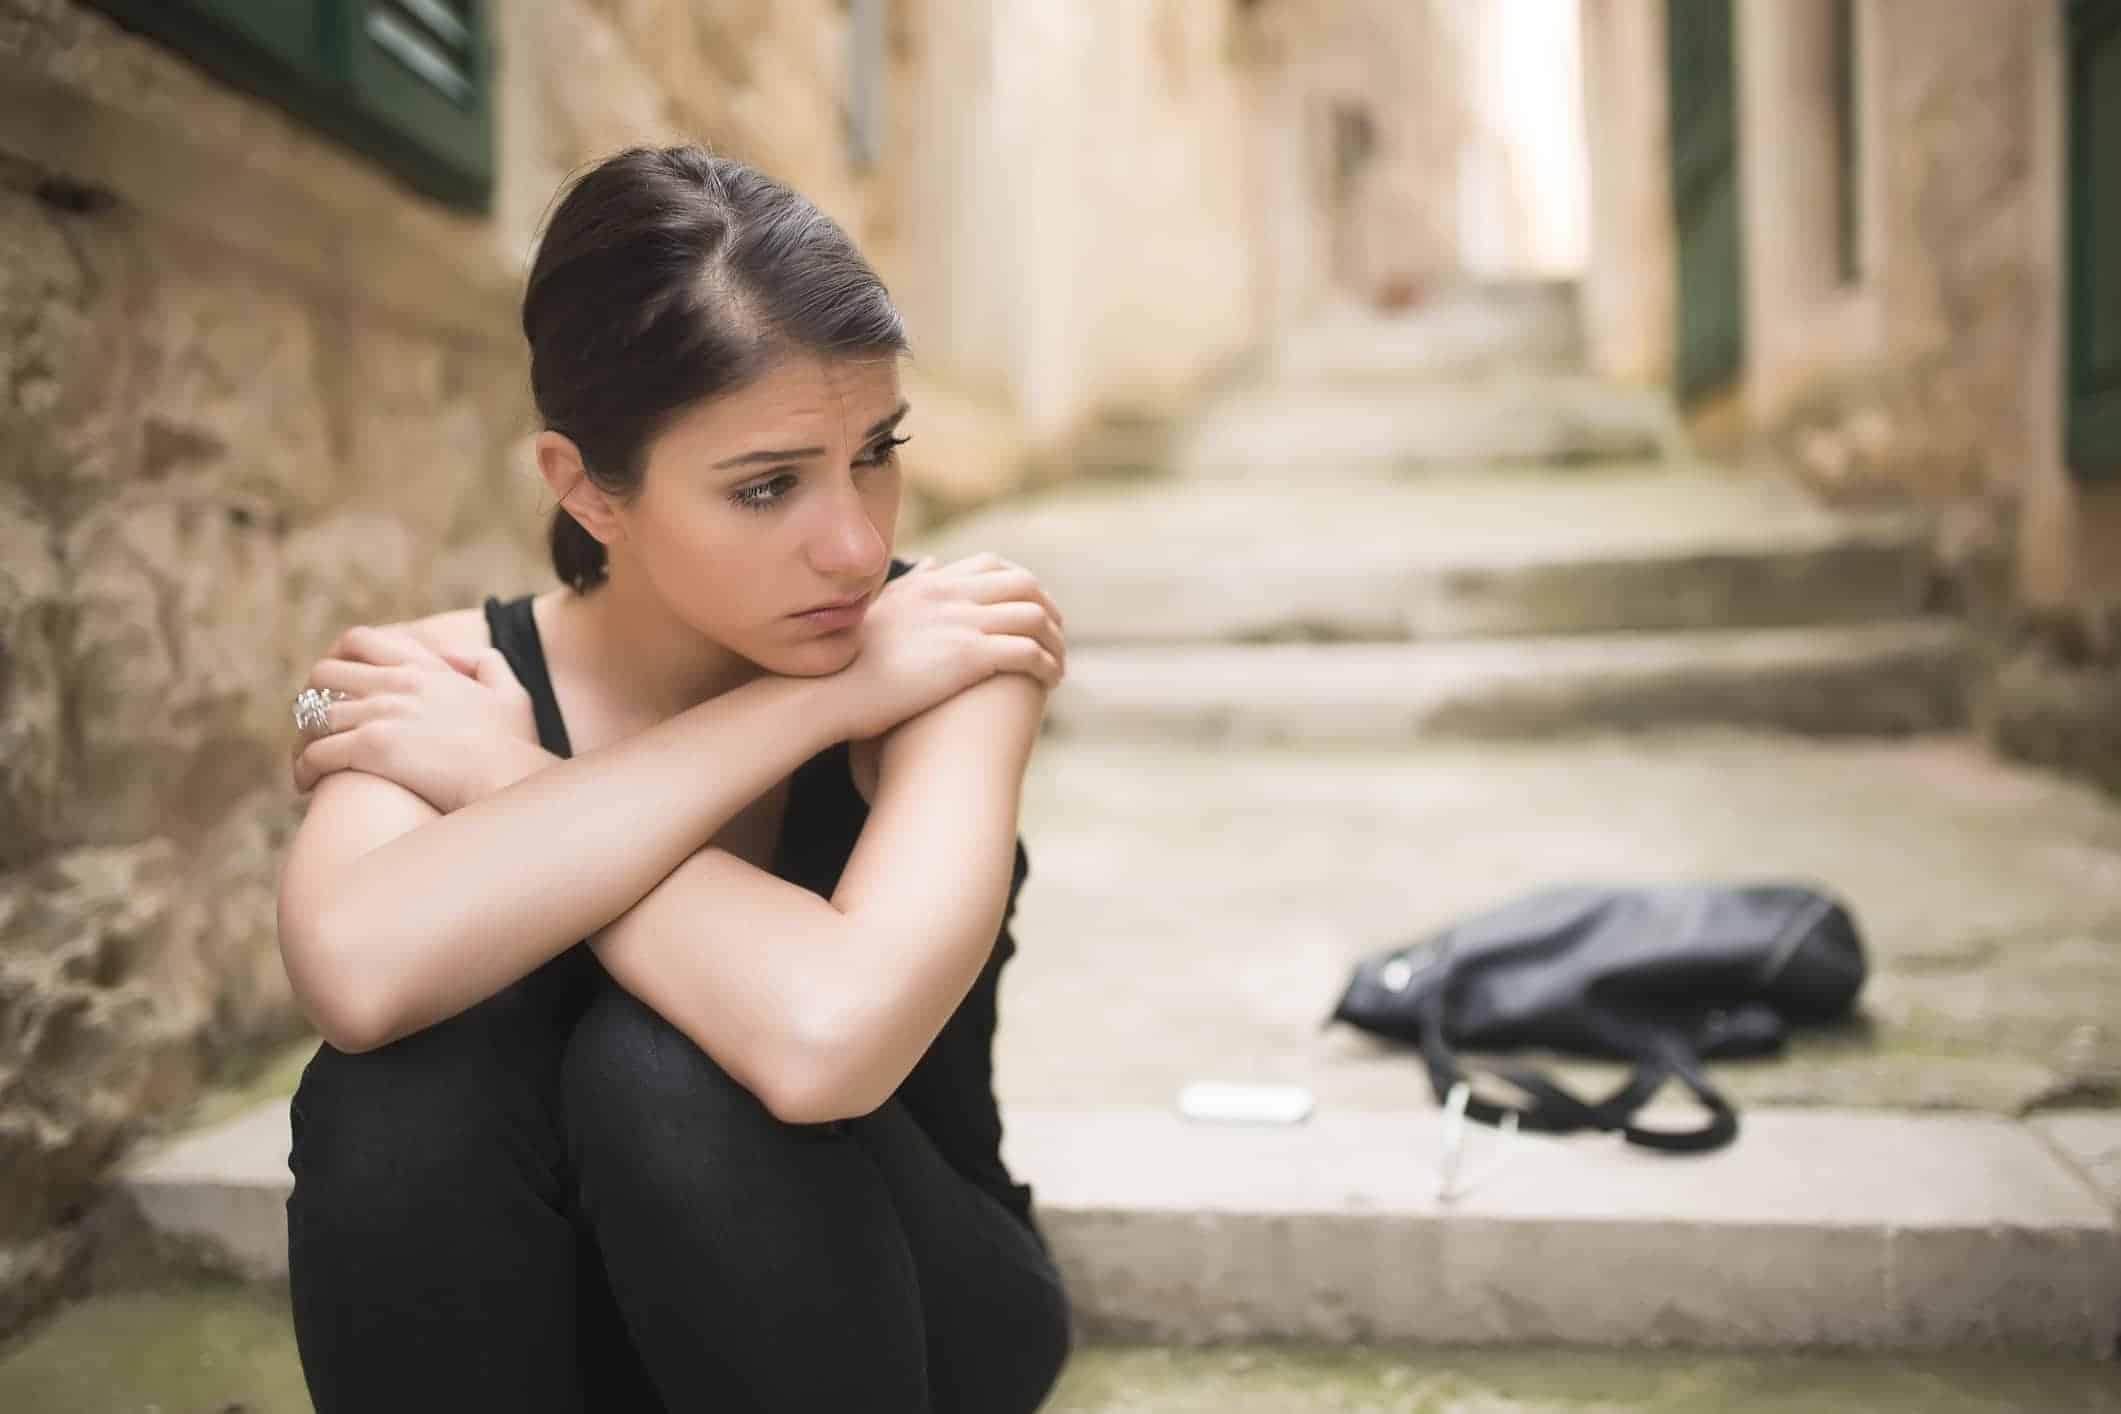 Burnout trifft oft Frauen in privaten überfordernden Situationen